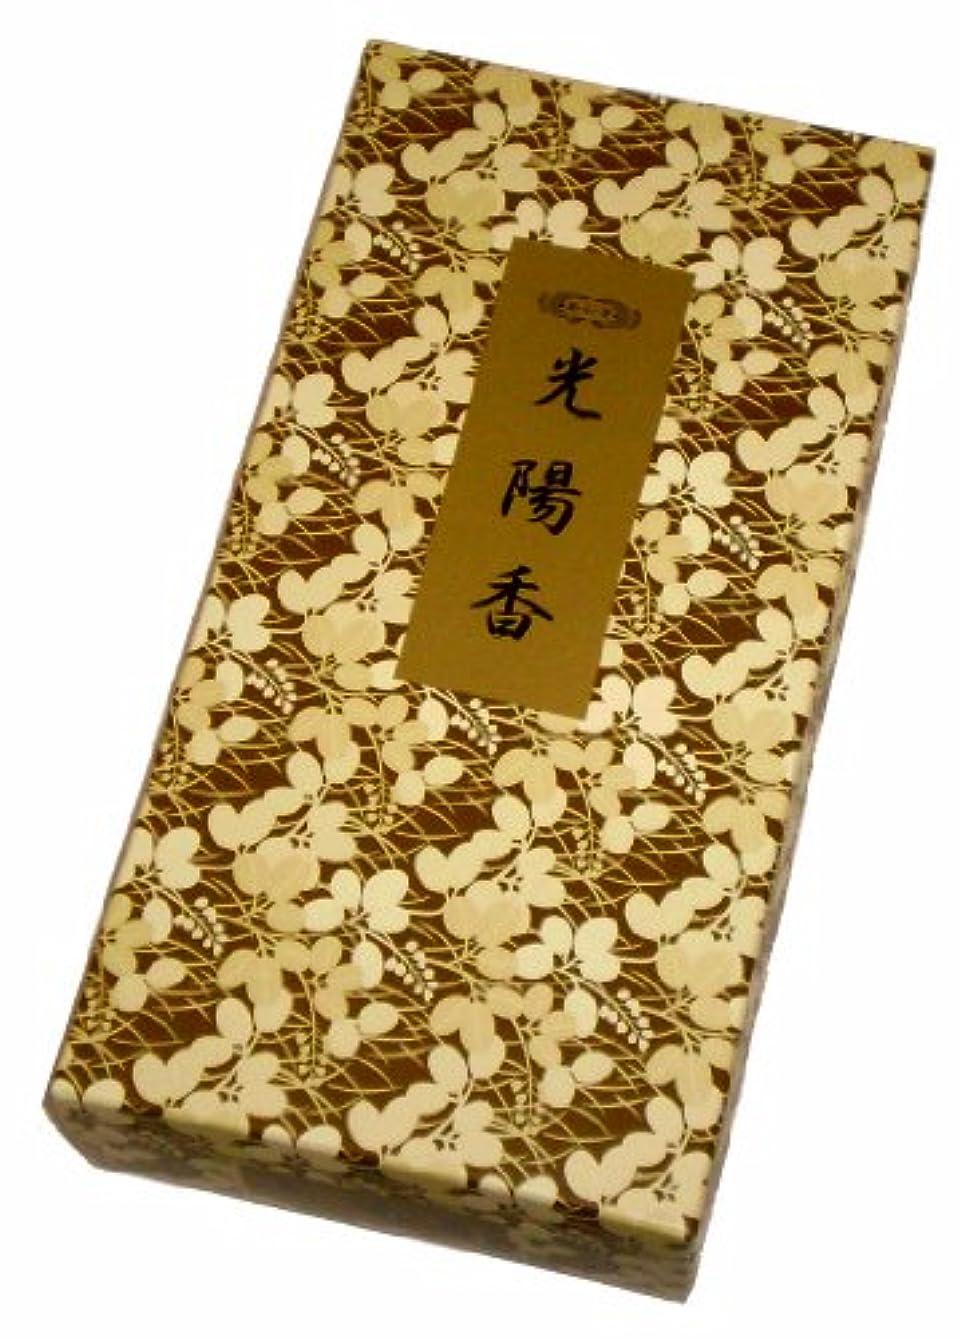 便利さ出発航空会社玉初堂のお香 光陽香 500g #661